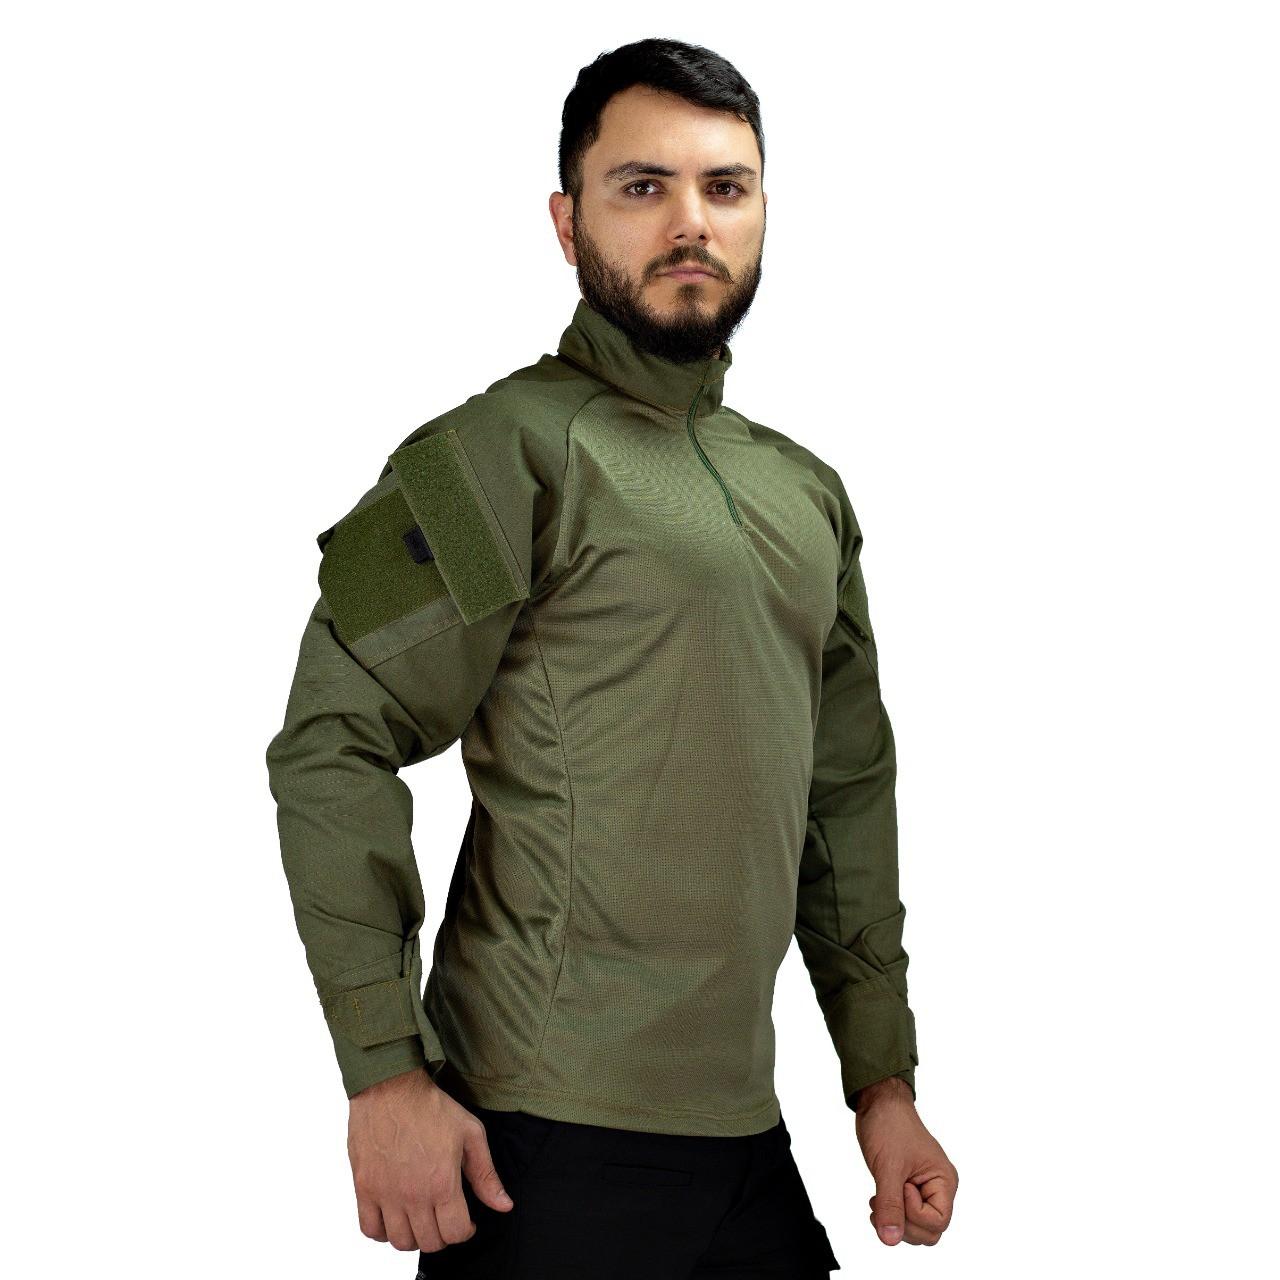 Camisa de Combate Safo Militaria - Verde Oliva